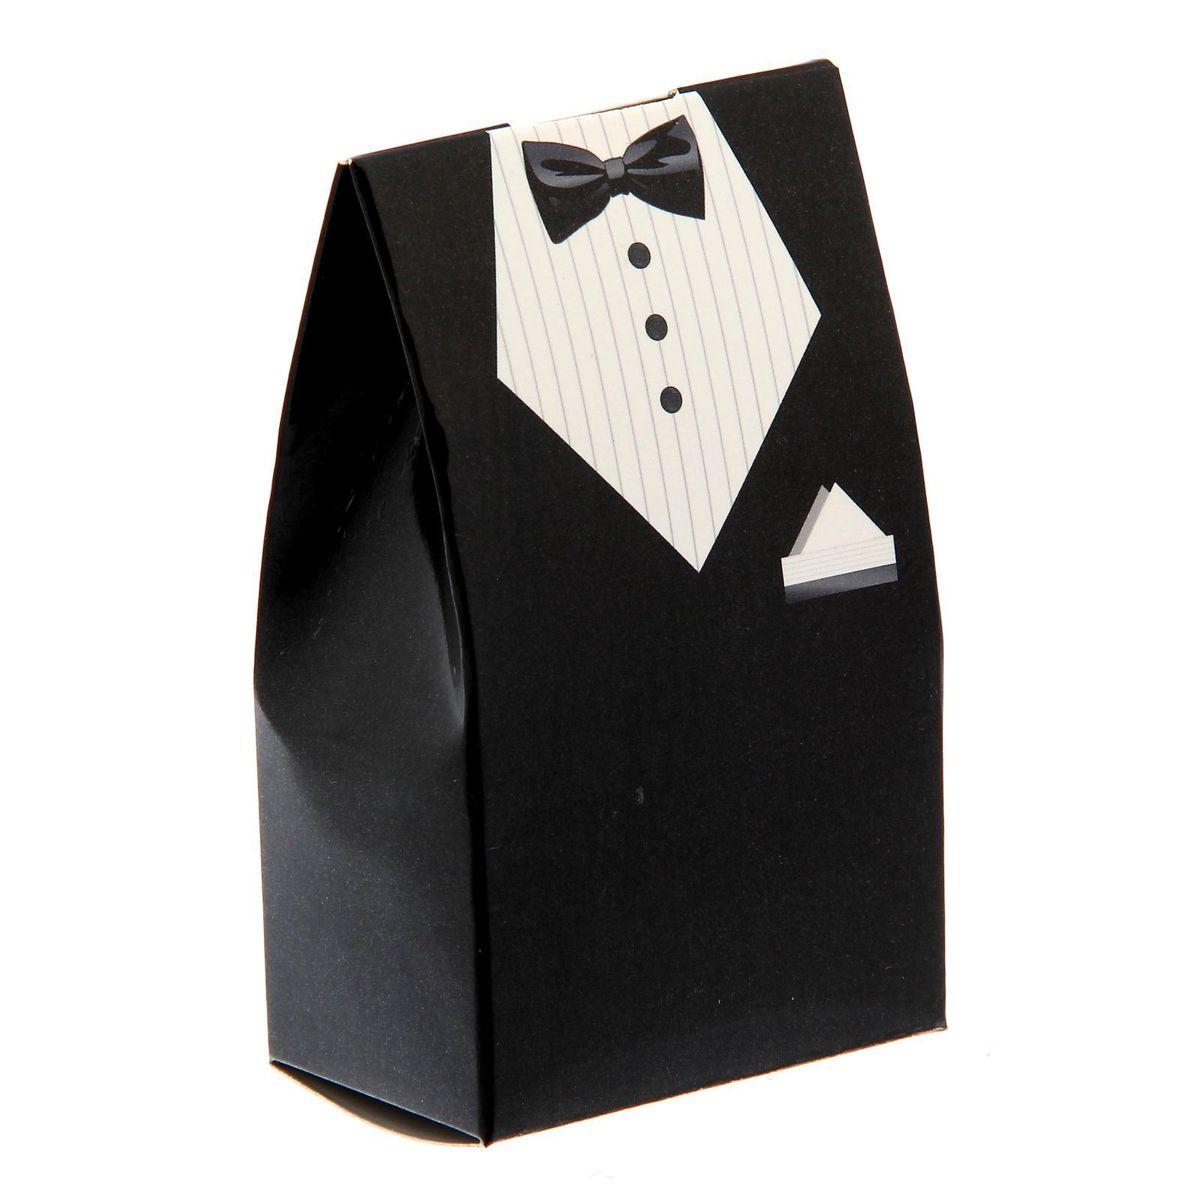 Бонбоньерка свадебная Sima-land Костюм жениха, цвет: мульти, 5,8 x 0,1 x 10 смMB860Новая разработка - бонбоньерки из картона! Такие аксессуары пользуются большой популярностью при оформлении свадебных столов: в них кладут угощение и комплименты для гостей. Бонбоньерки легко складываются. При разработке дизайна учтены самые последние модные тенденции, чтобы вы подобрали бонбоньерки под любое стилевое оформление.